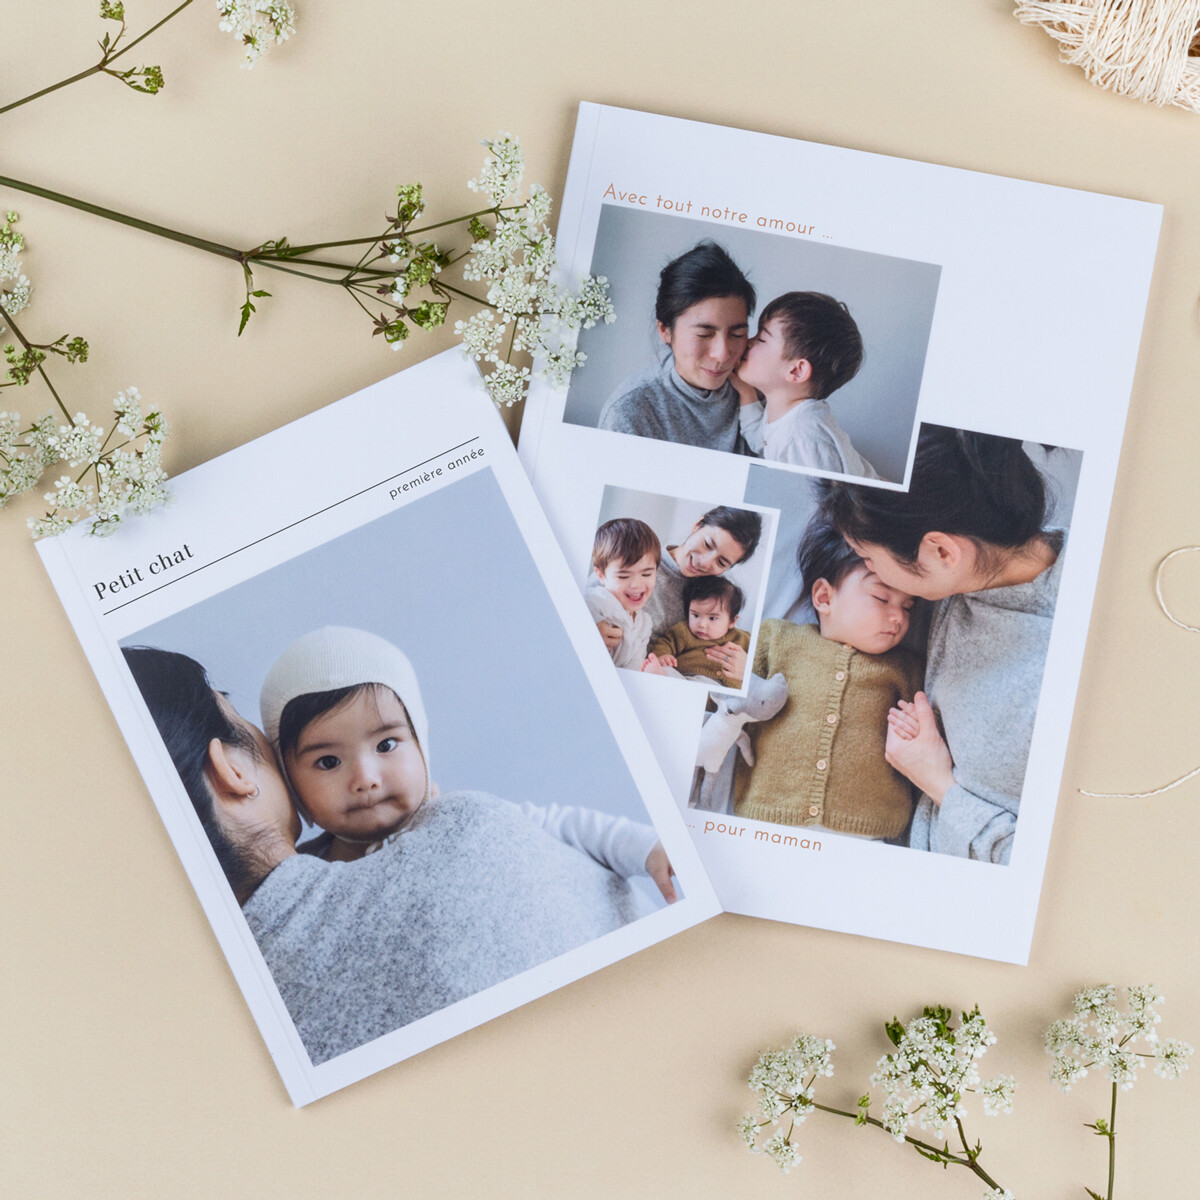 Un album photo pour la fête des mères